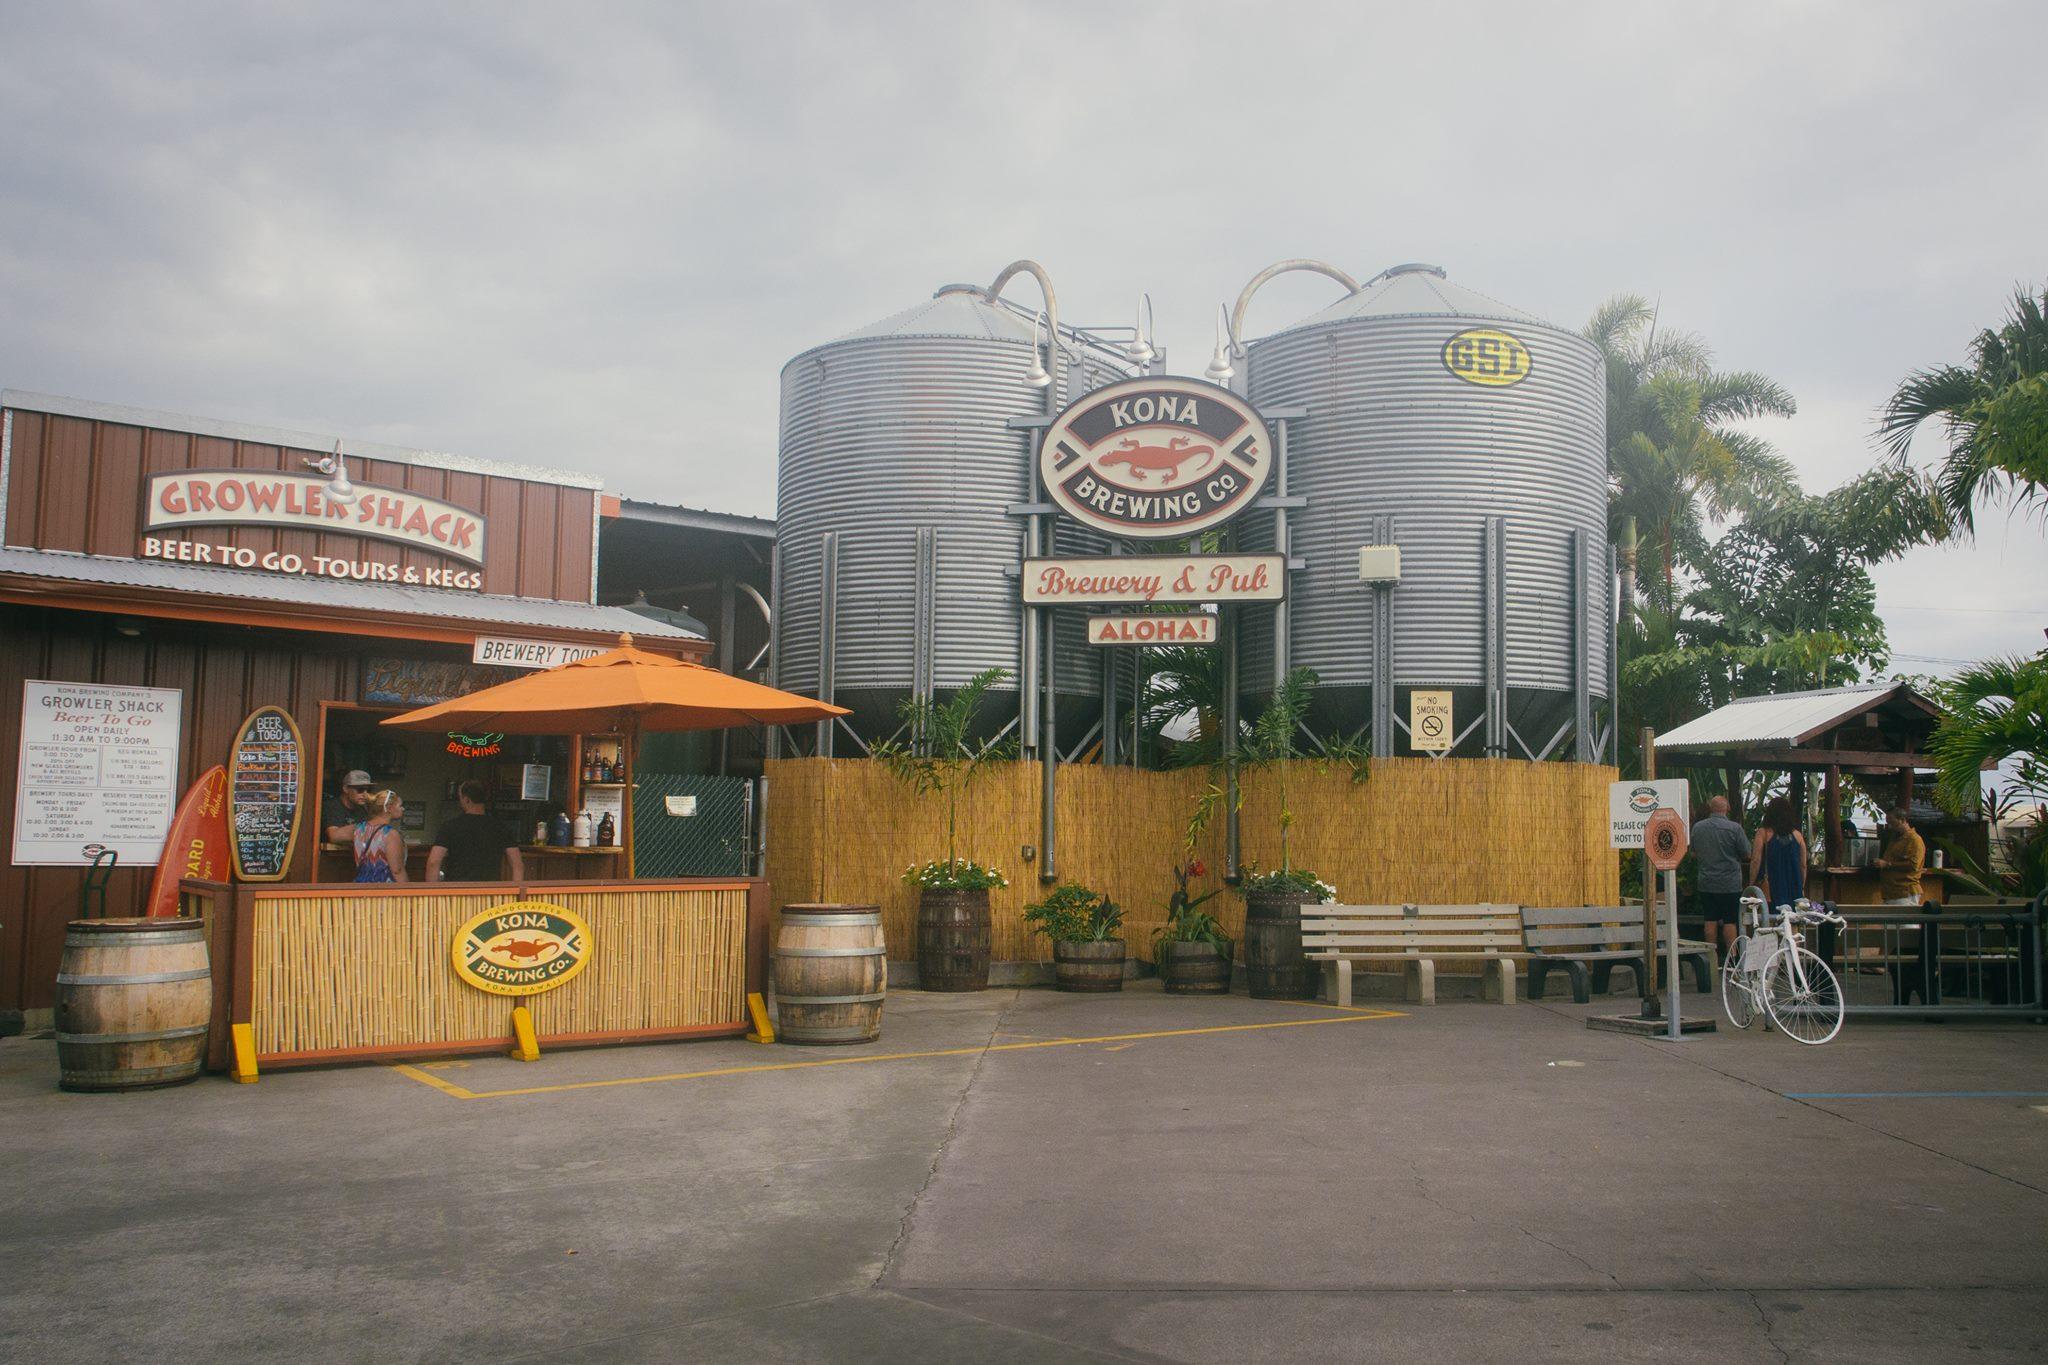 Kona Brewing Co. Craft Beer Hawaii Brewery Pub